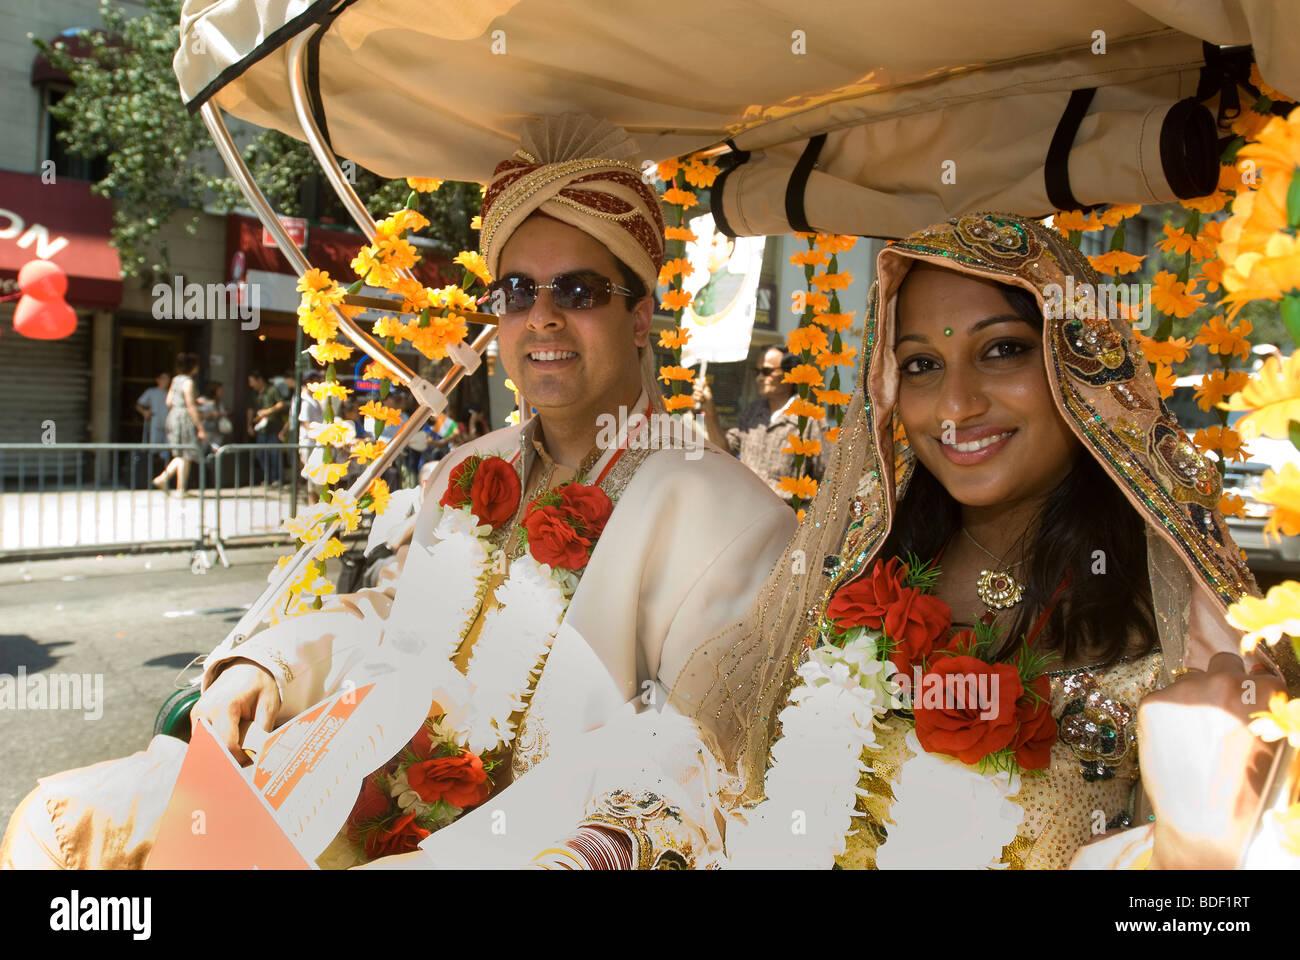 Eine Gruppe, die Förderung der Bharat Ehe dating-Service in der indischen Independence Day Parade in New York Stockbild